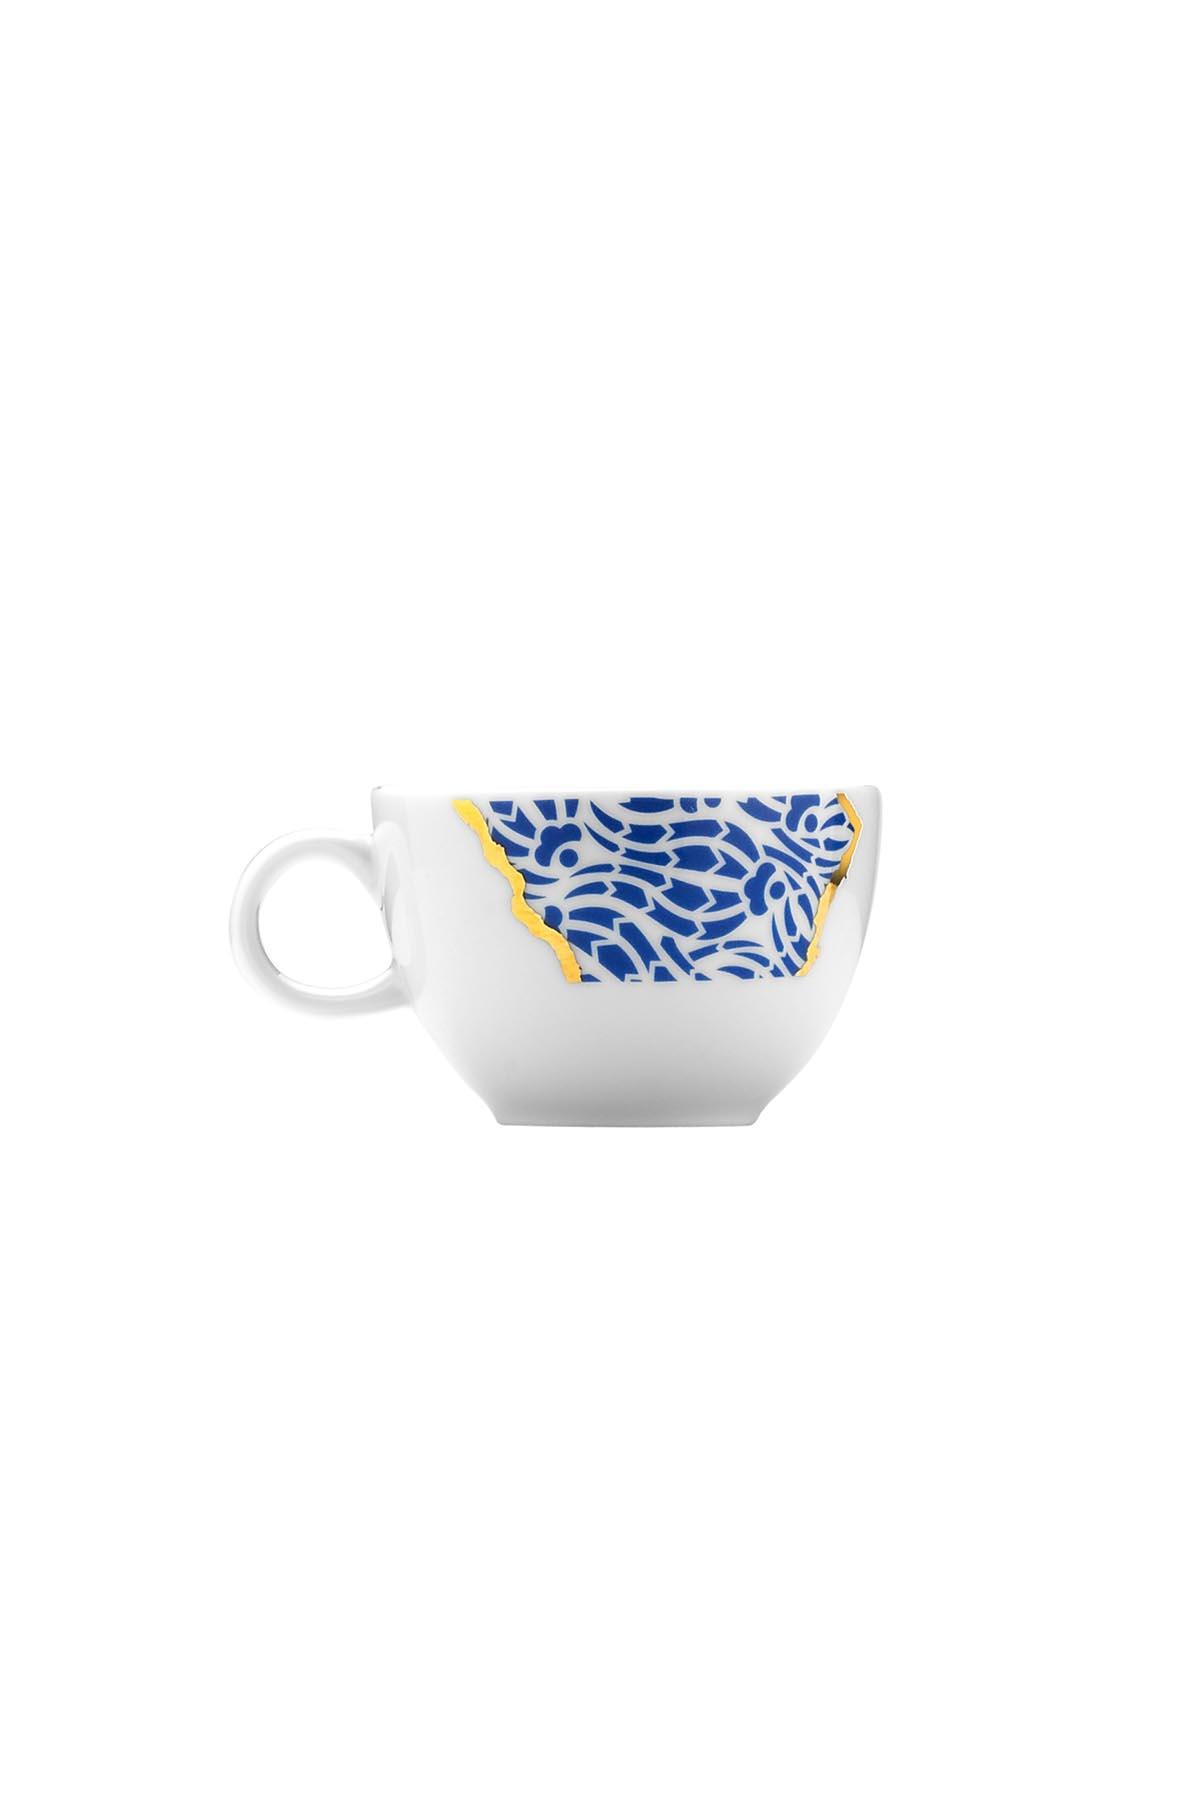 Kütahya Porselen Zeugma Kintsugi Kahve Takımı